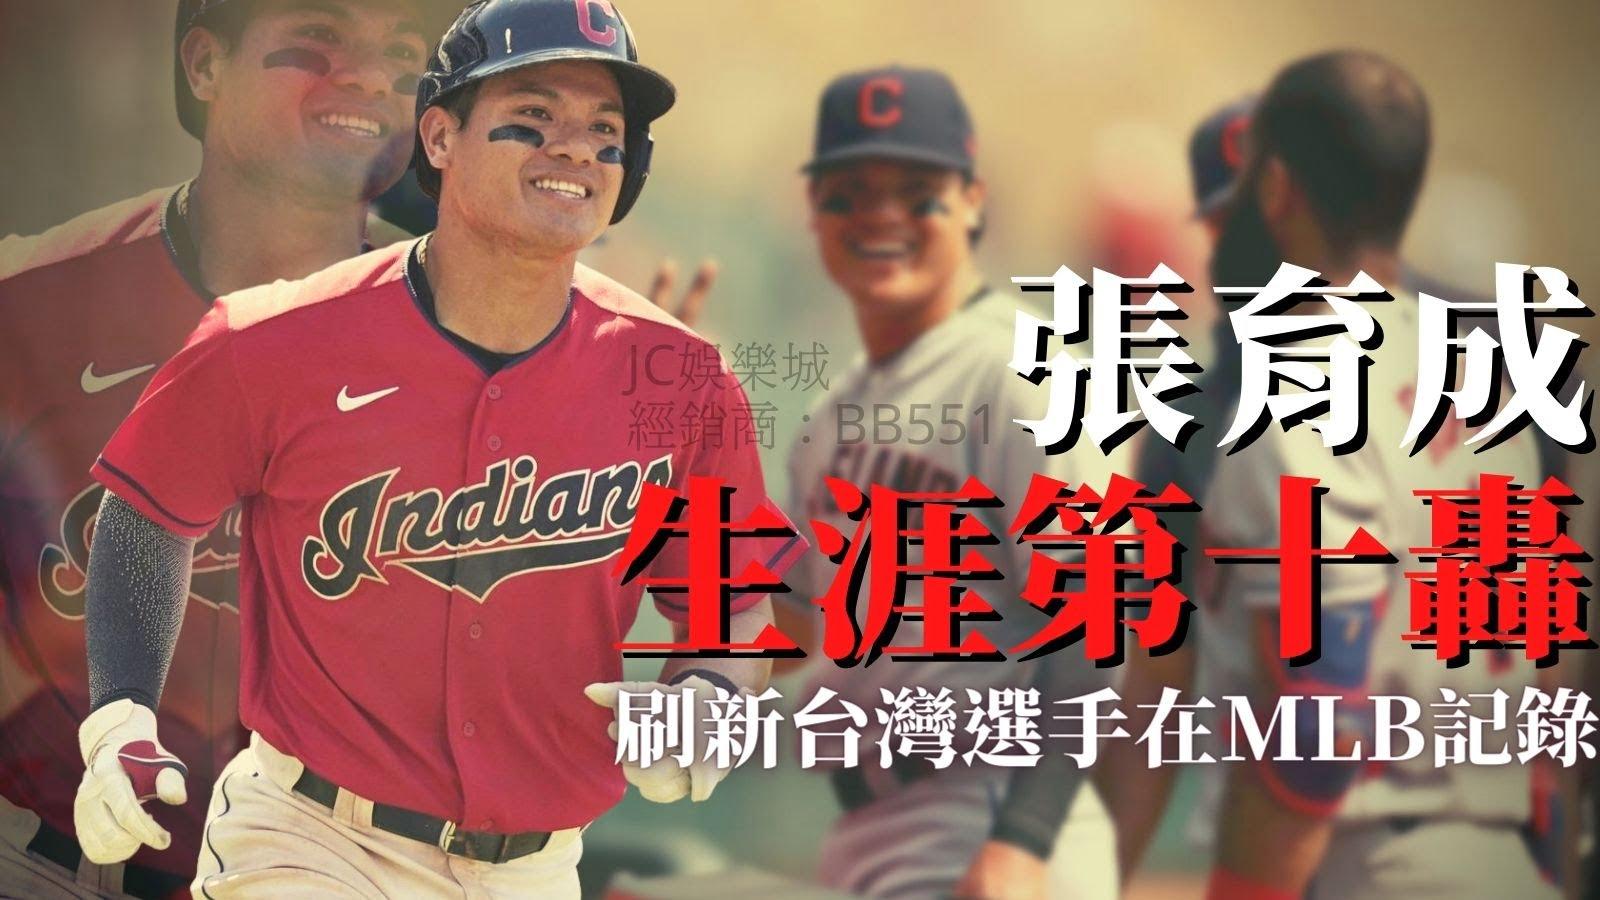 【張育成全壘打】「微笑哥」張育成刷新台灣選手在MLB記錄,轟出生涯第十枝全壘打!